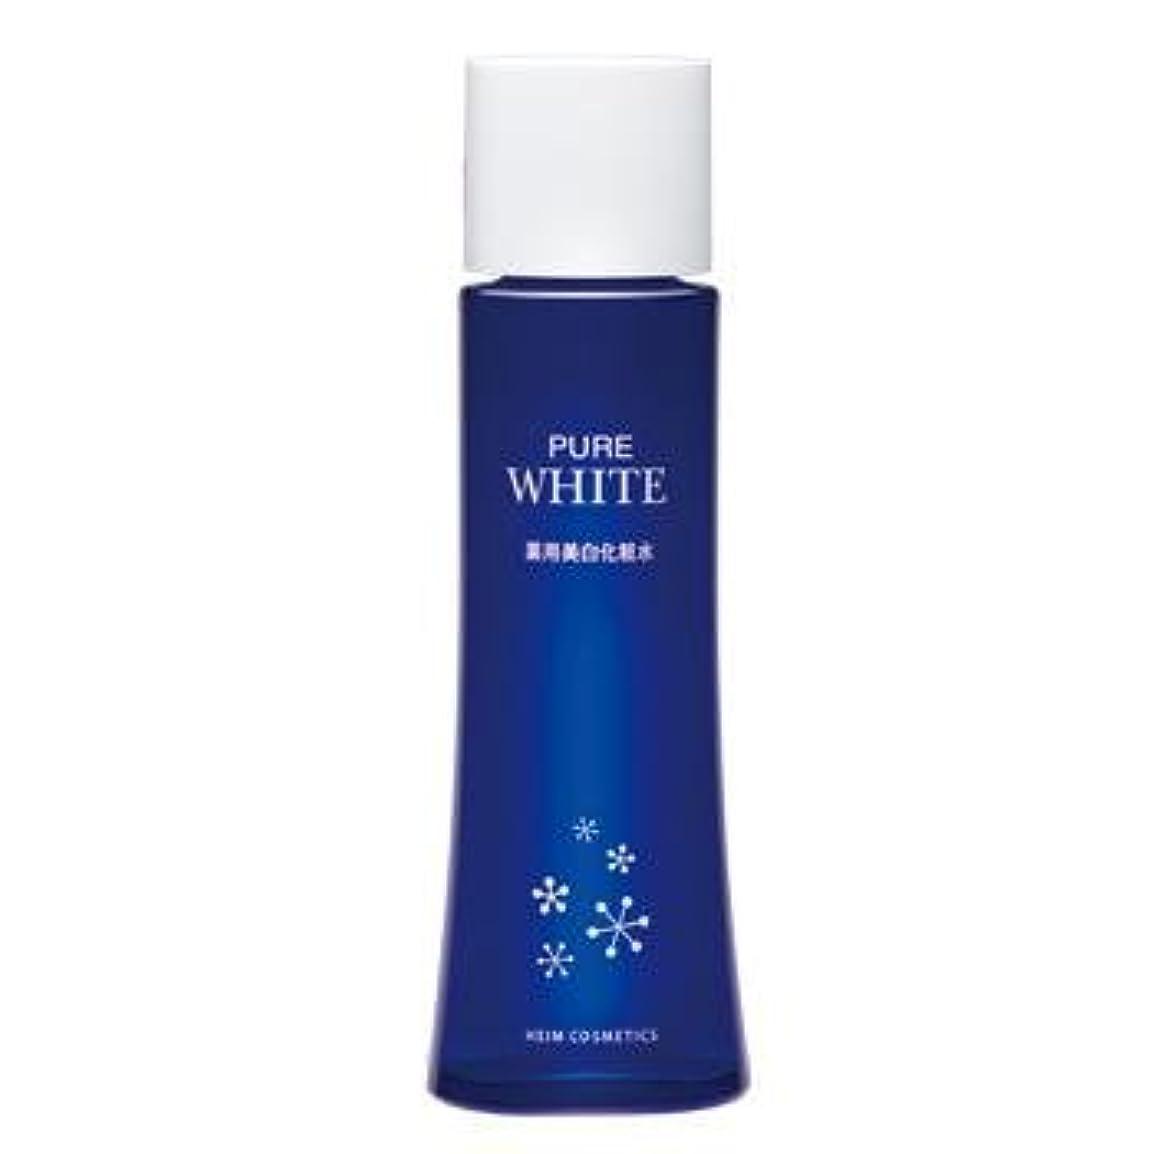 立証する強制的祝福するハイム化粧品/薬用ピュアホワイト/化粧水(しっとり)【乾燥しやすい肌に美白とうるおいを】